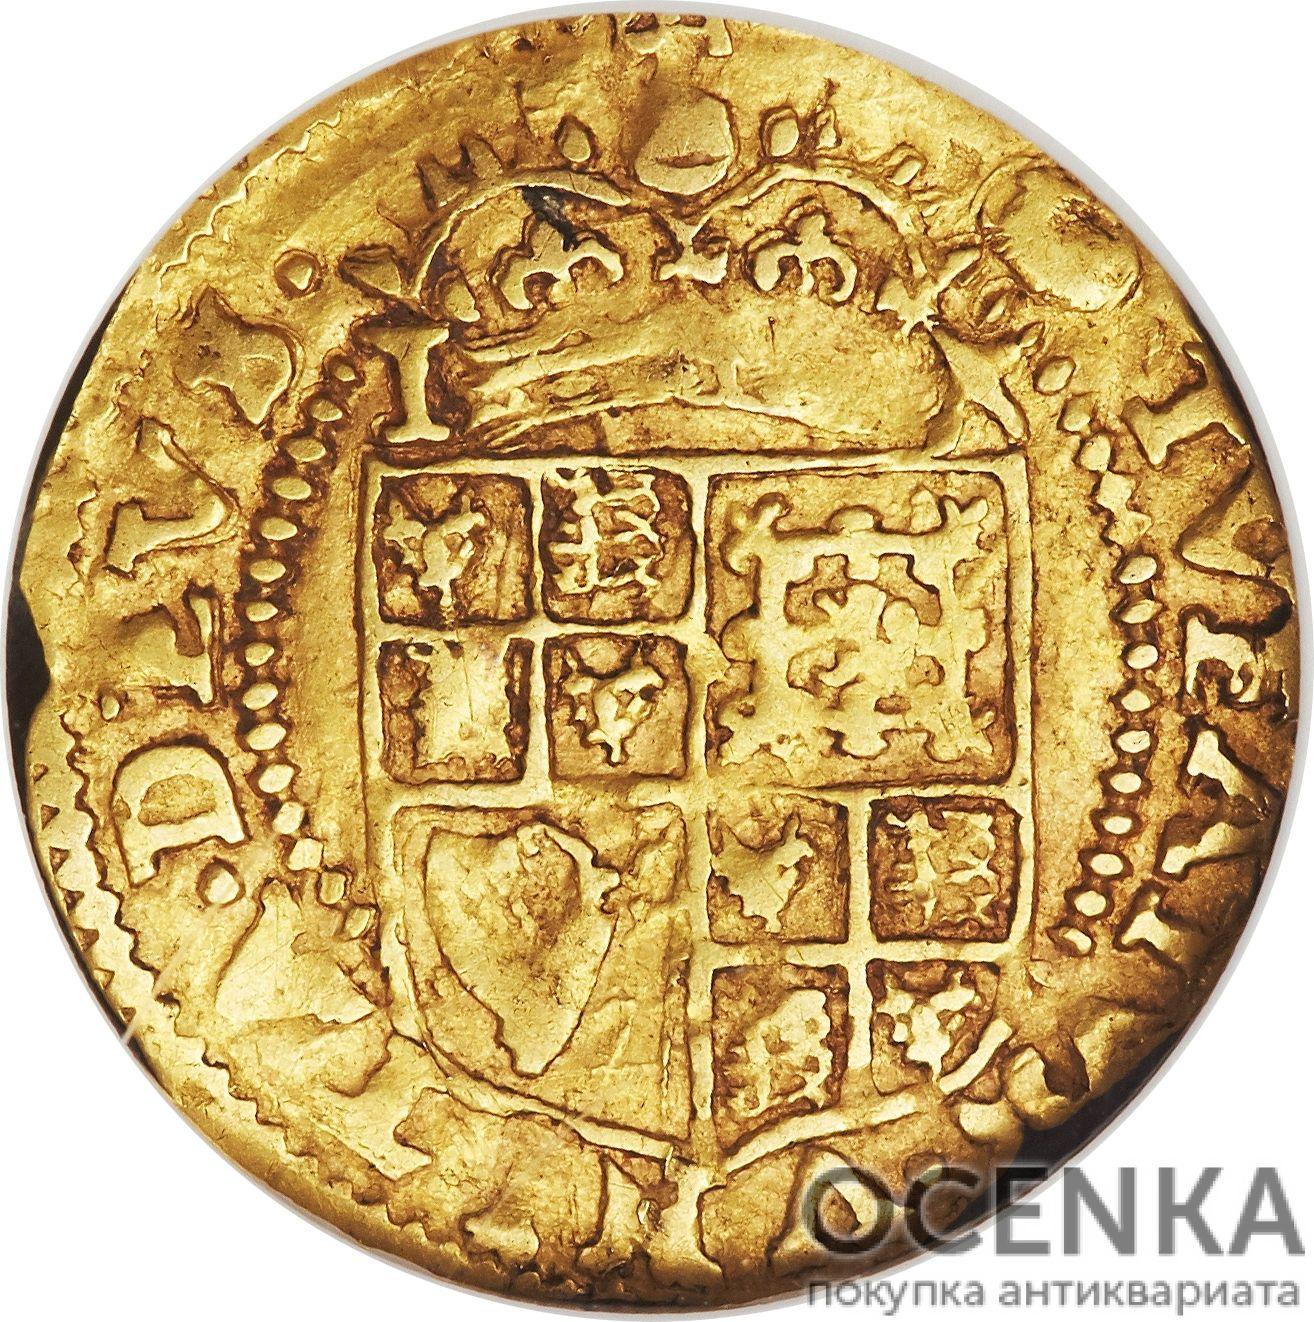 Золотая монета ½ Crown (полкроны) Великобритания - 2